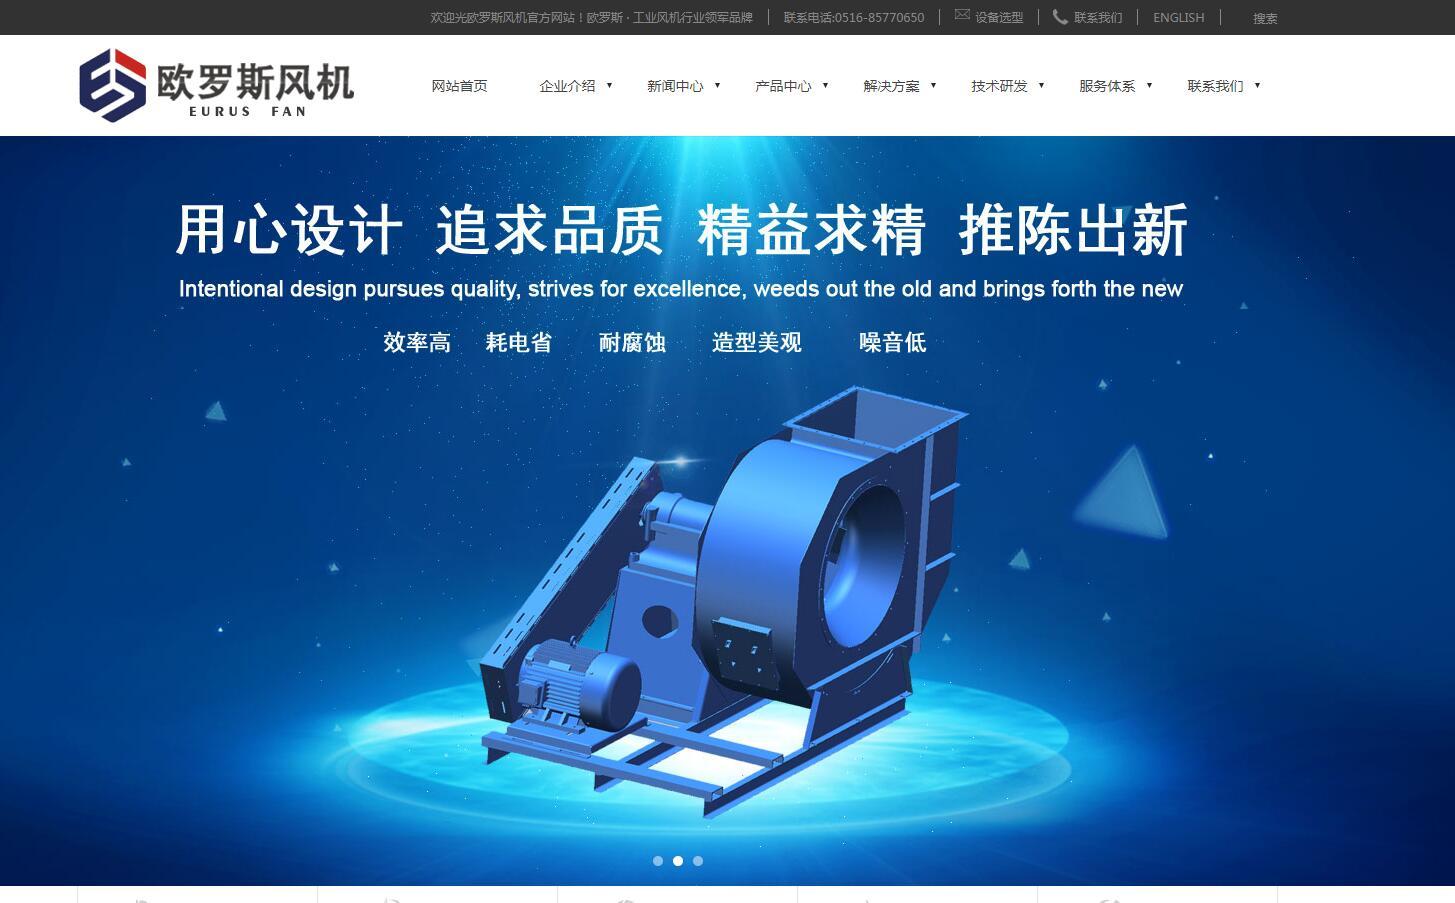 江苏欧亚博体育app下载链接亚博app下载 客户端有限公司官网改版